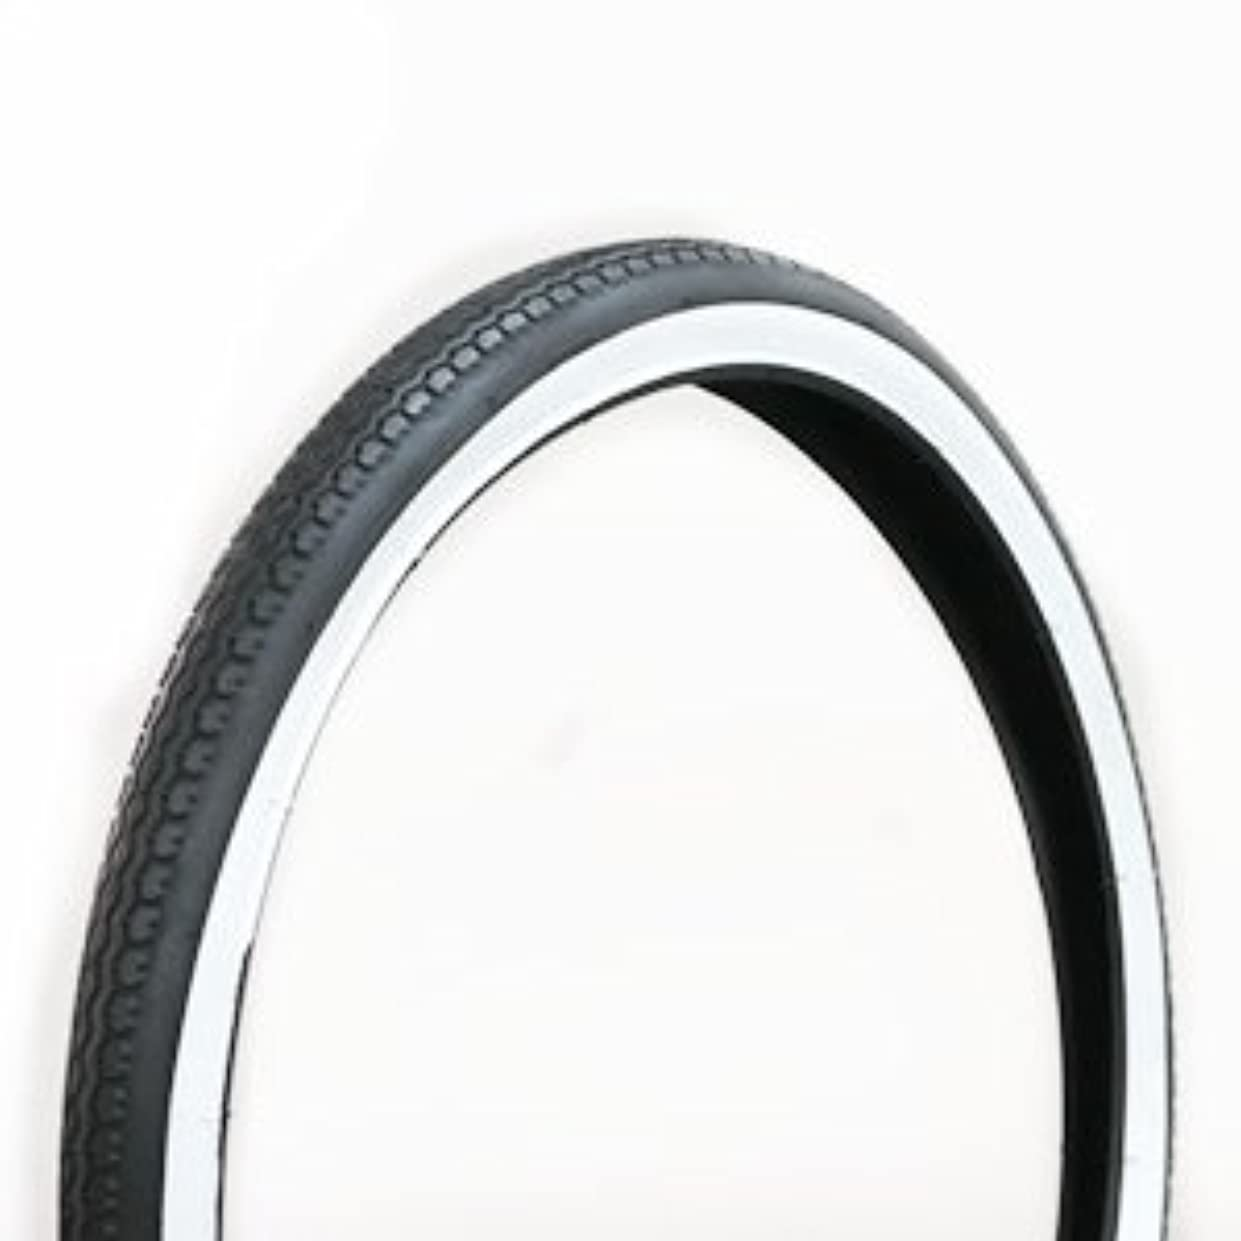 余計な寝具言語学自転車用タイヤ 白黒 22×1-3/4 W/O 1本 チューブは付属しません